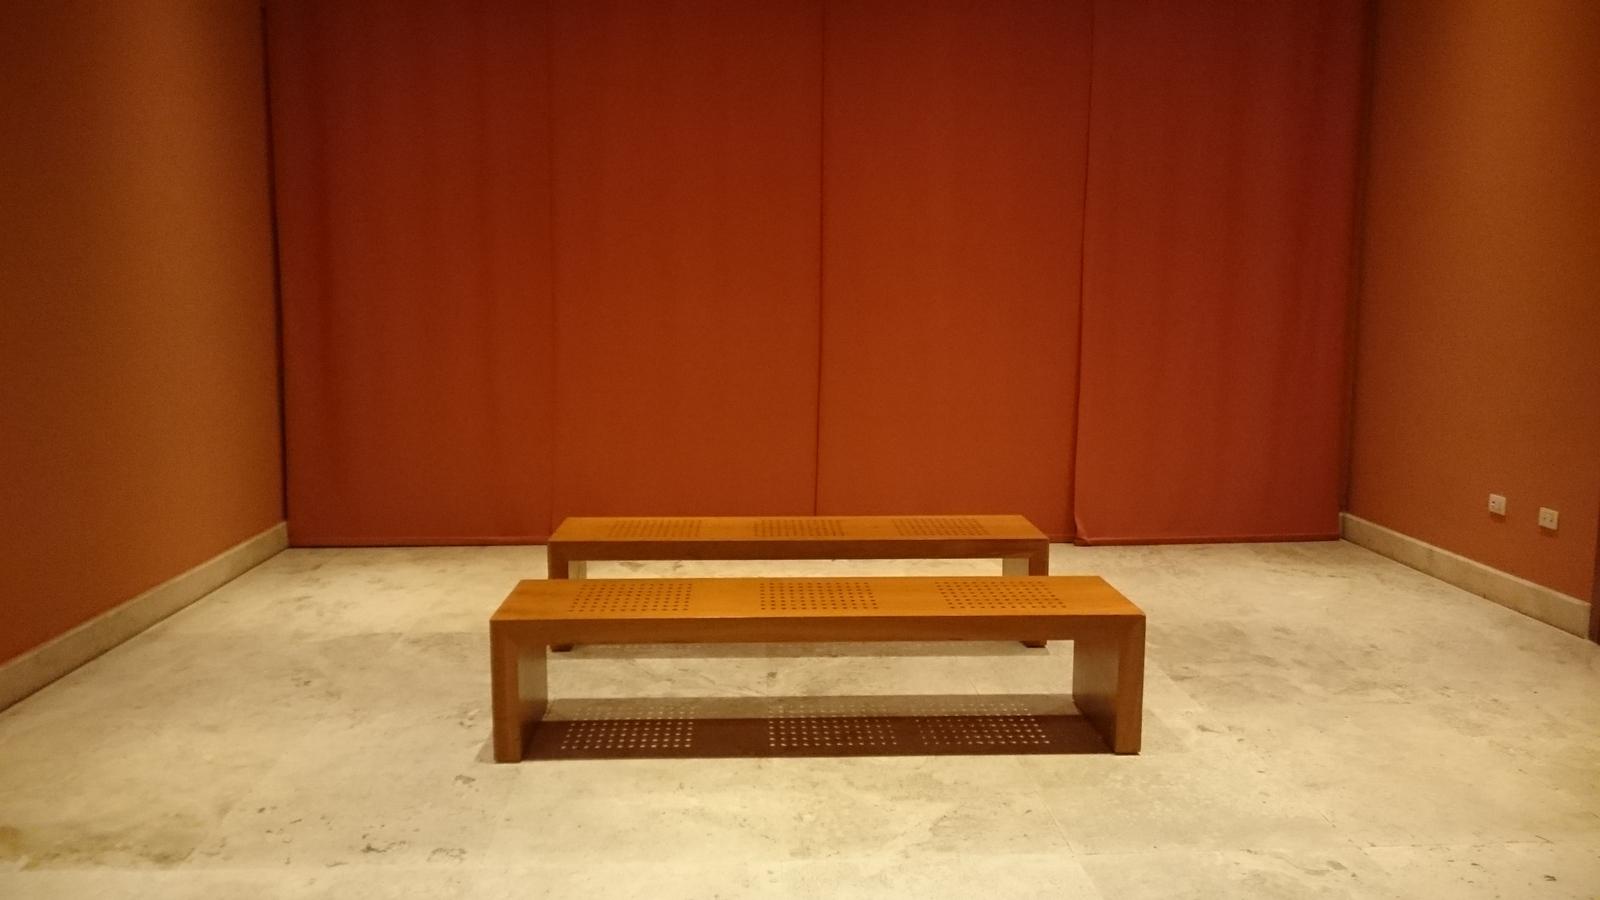 schlichte Möblierung im Foyer des Parco della Musica